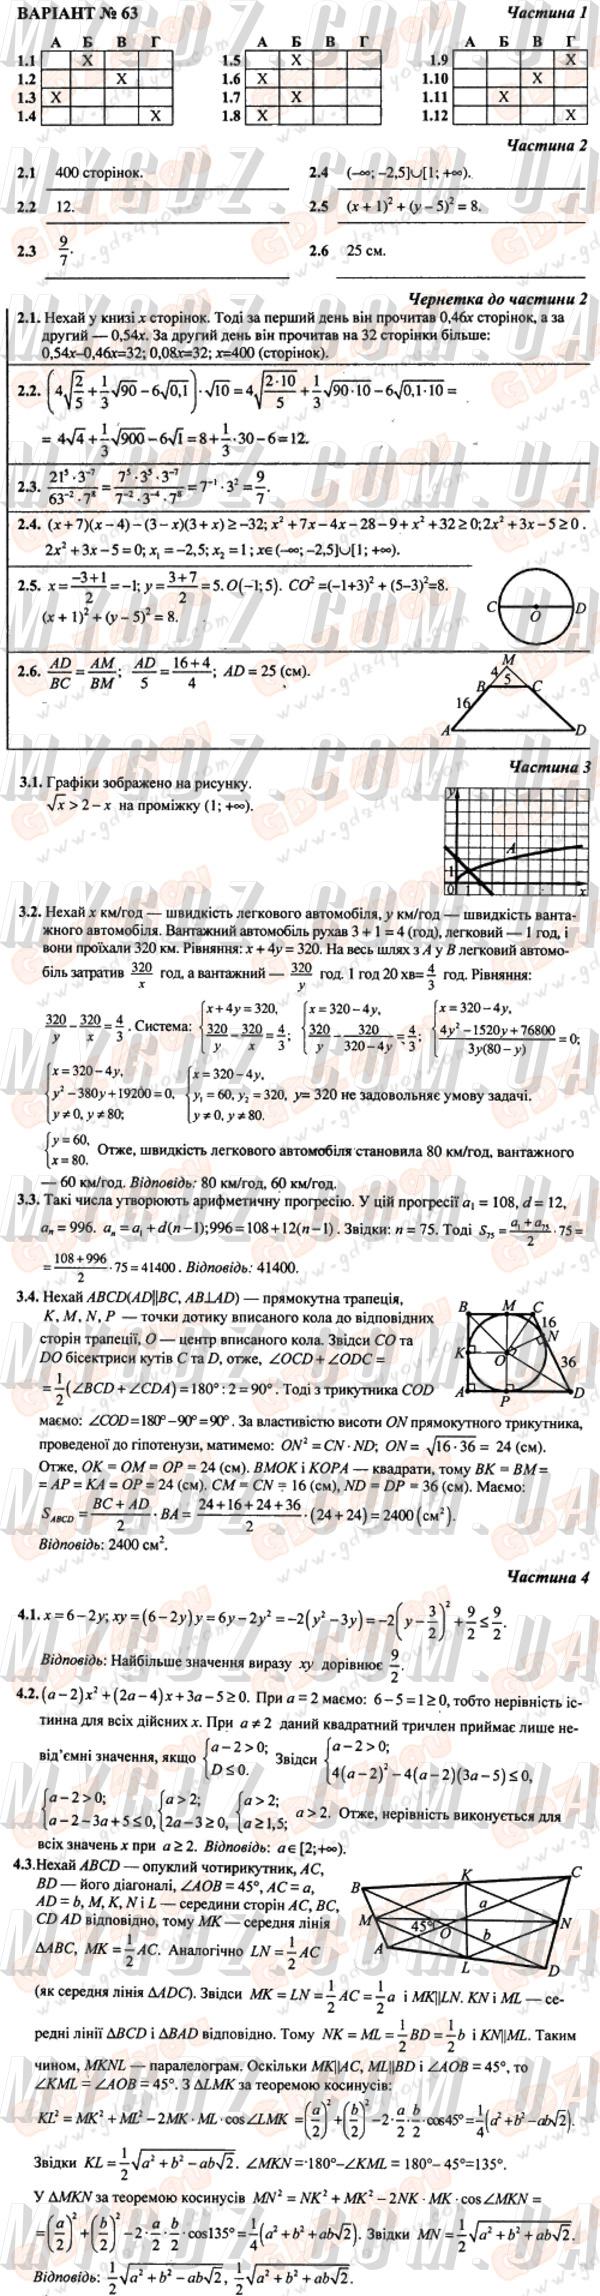 ГДЗ Варіант 63 2014 Мерзляк, Полонський 9 клас